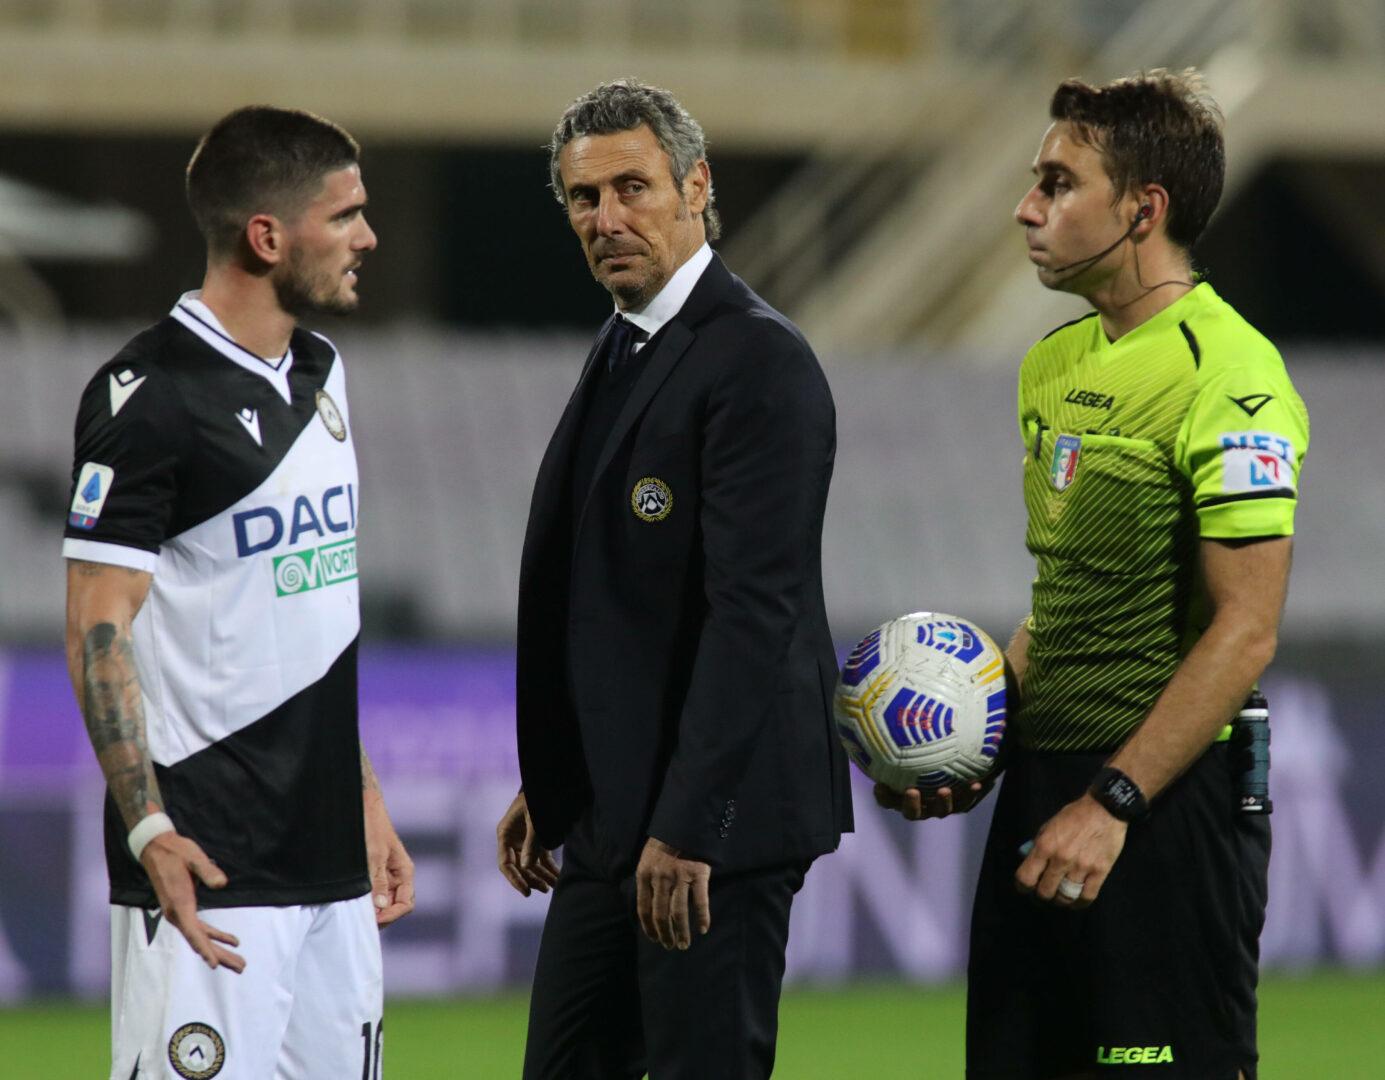 De Paul Serie A